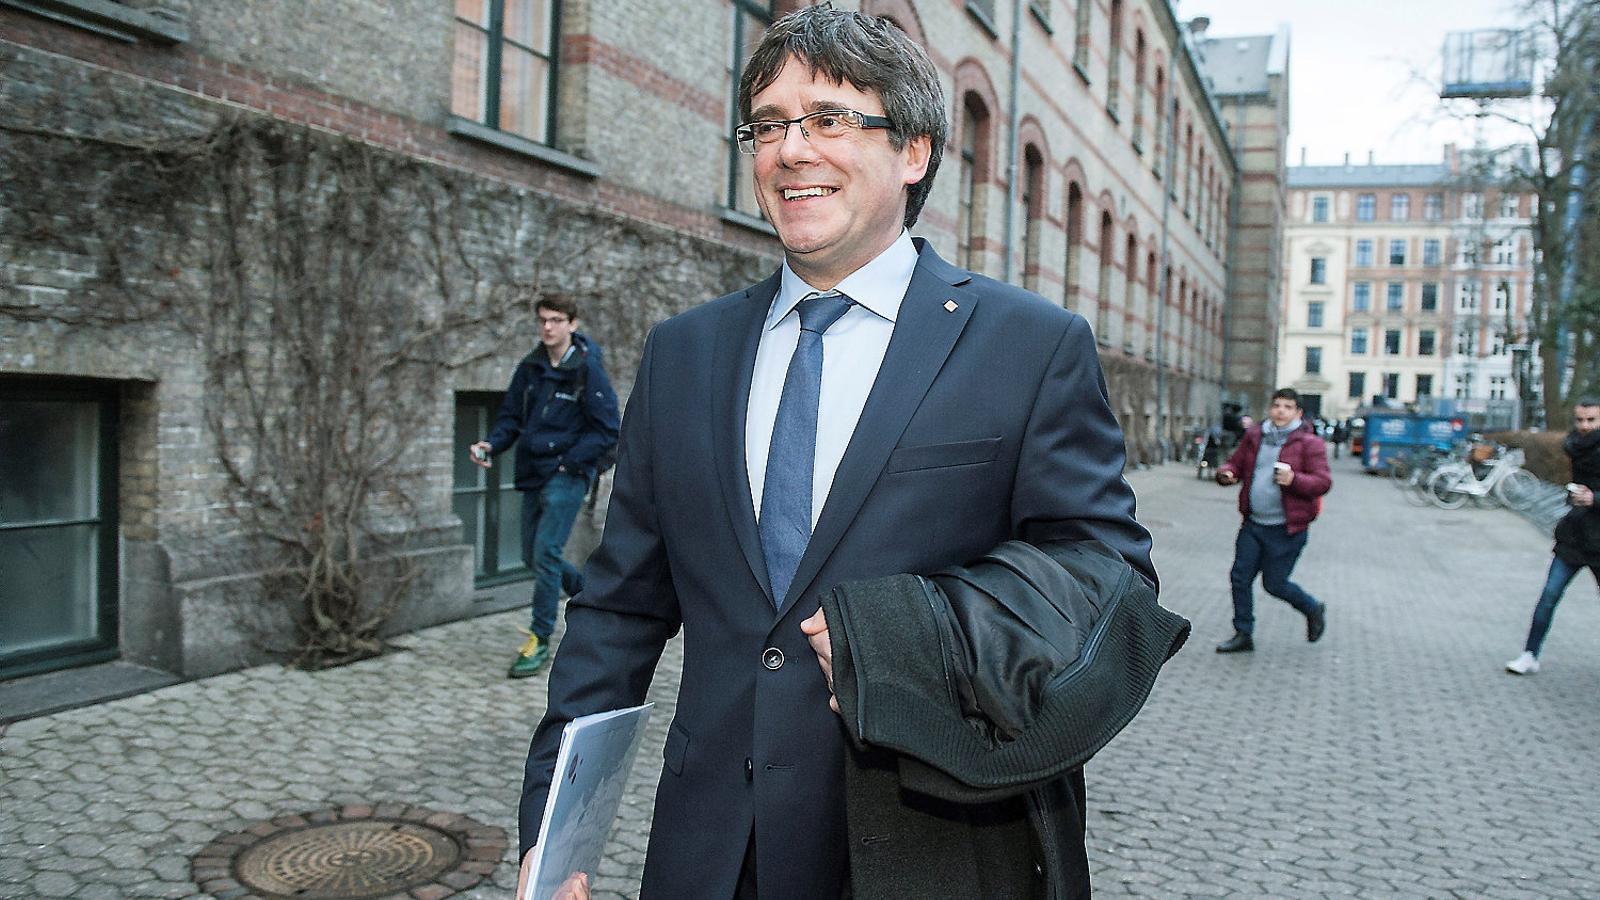 El candidat de Junts per Catalunya a la investidura, Carles Puigdemont, als carrers de Copenhaguen, on aquesta setmana va fer-hi una conferència.